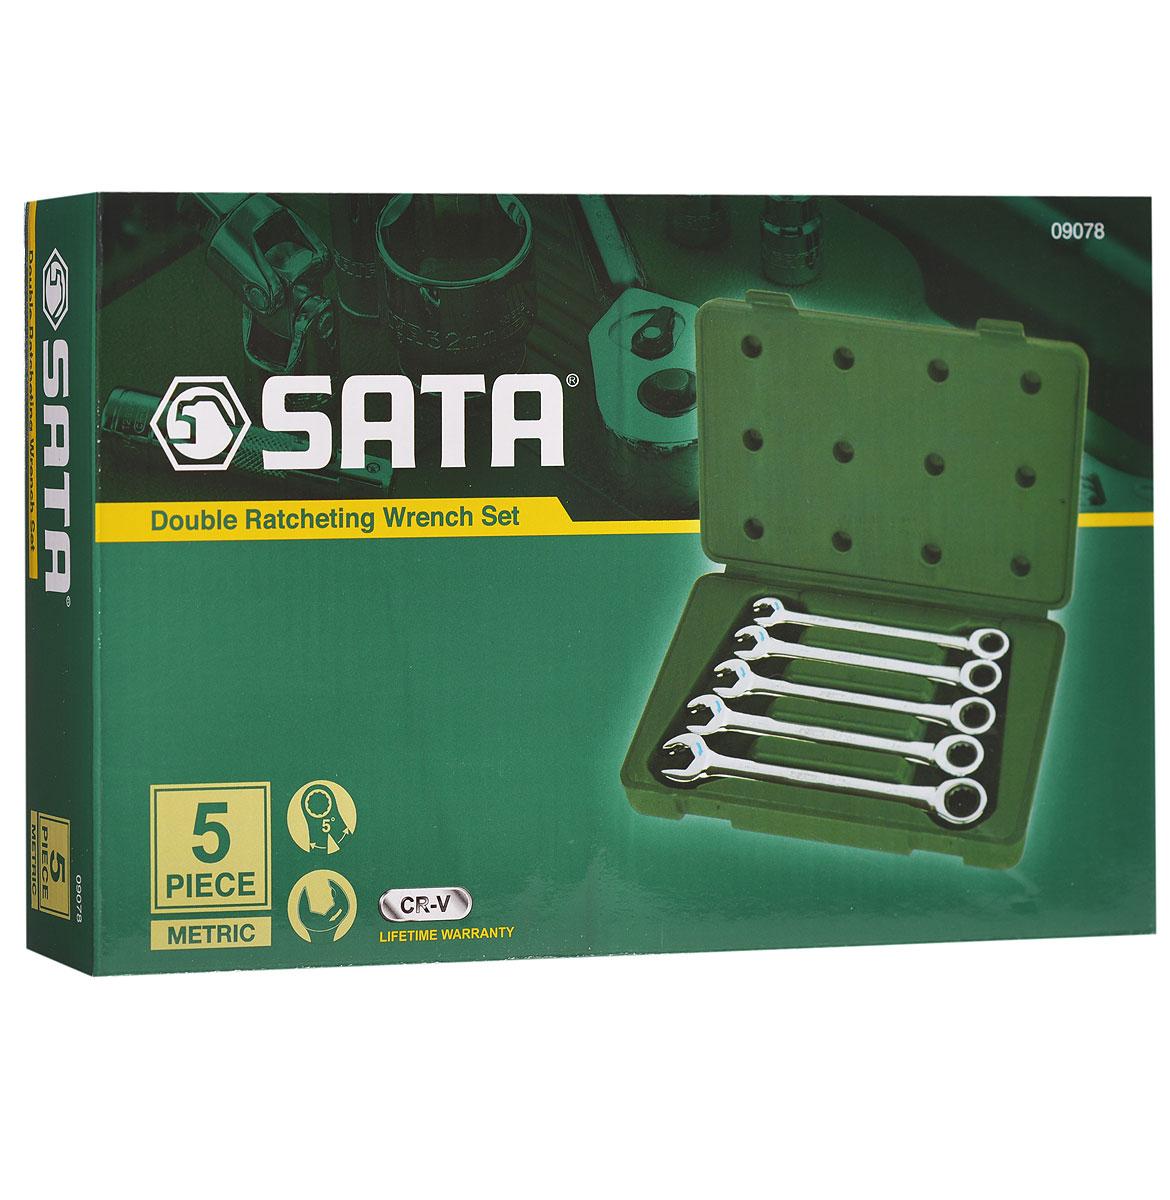 Набор ключей SATA 5пр. 0907809078Метрические комбинированные укороченные ключи Sata с реверсивным трещоточным механизмом предназначены для монтажа/демонтажа резьбовых соединений. Инструменты выполнены из высококачественной хромованадиевой стали. В комплекте пластиковый кейс для переноски и хранения. В набор входят ключи размером: 10 мм, 11 мм, 12 мм, 13 мм, 14 мм.